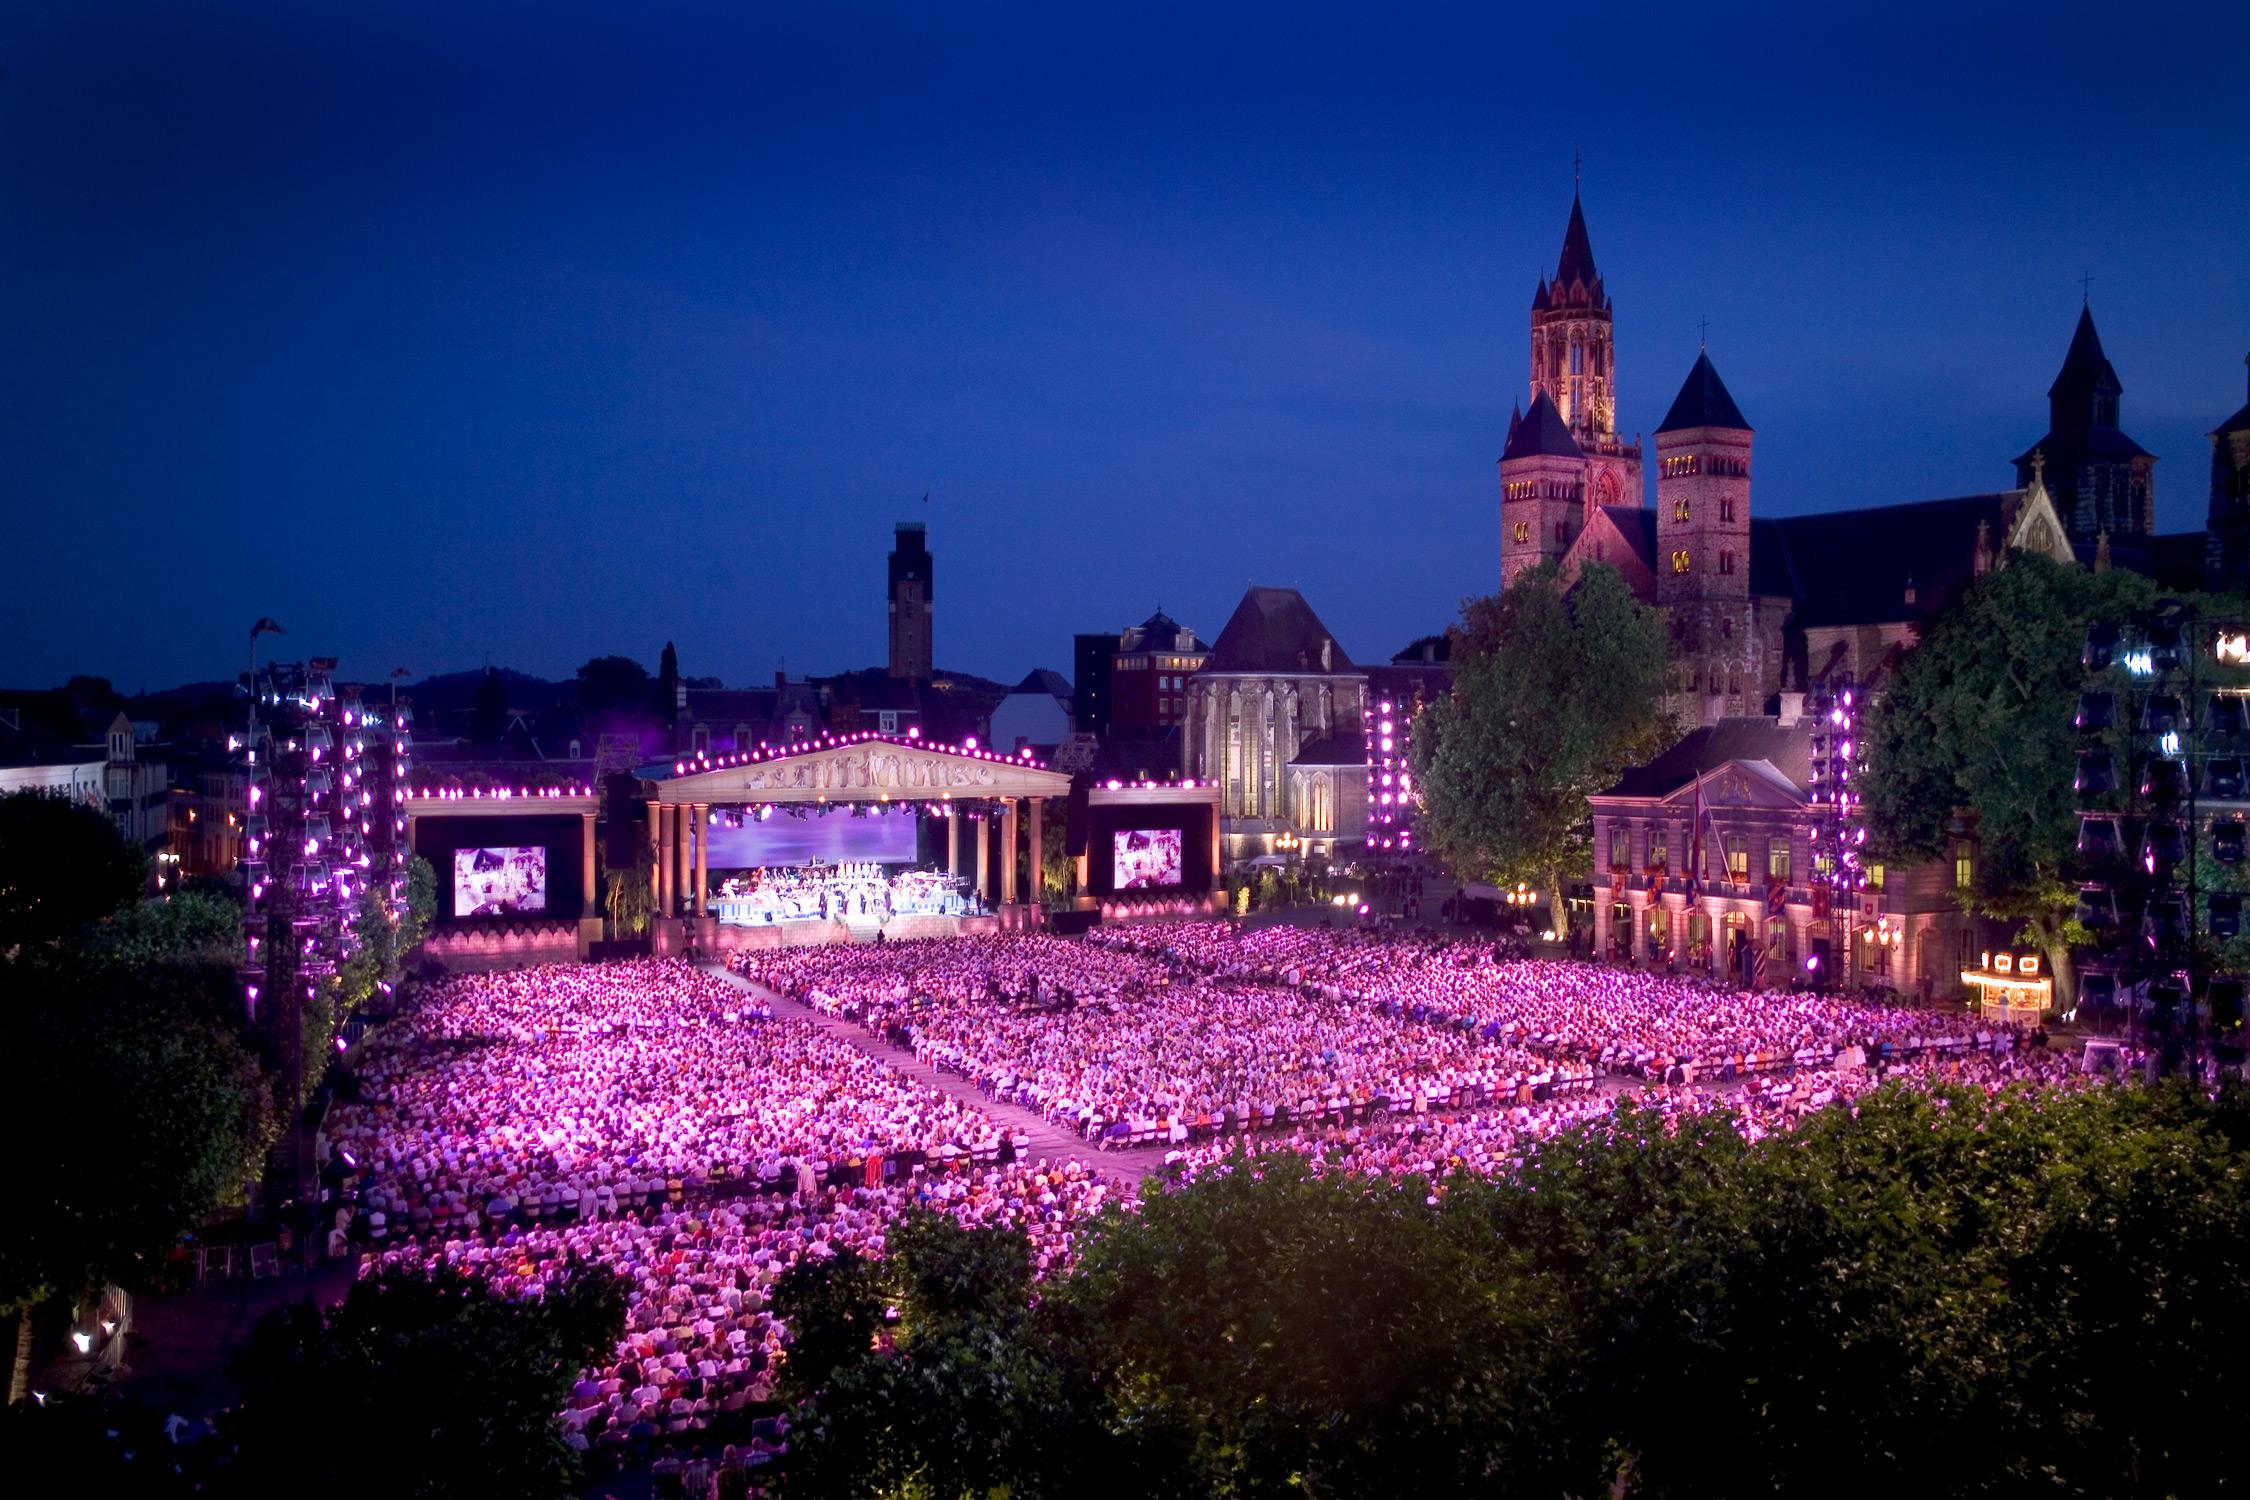 Rieu concert Vrijthof